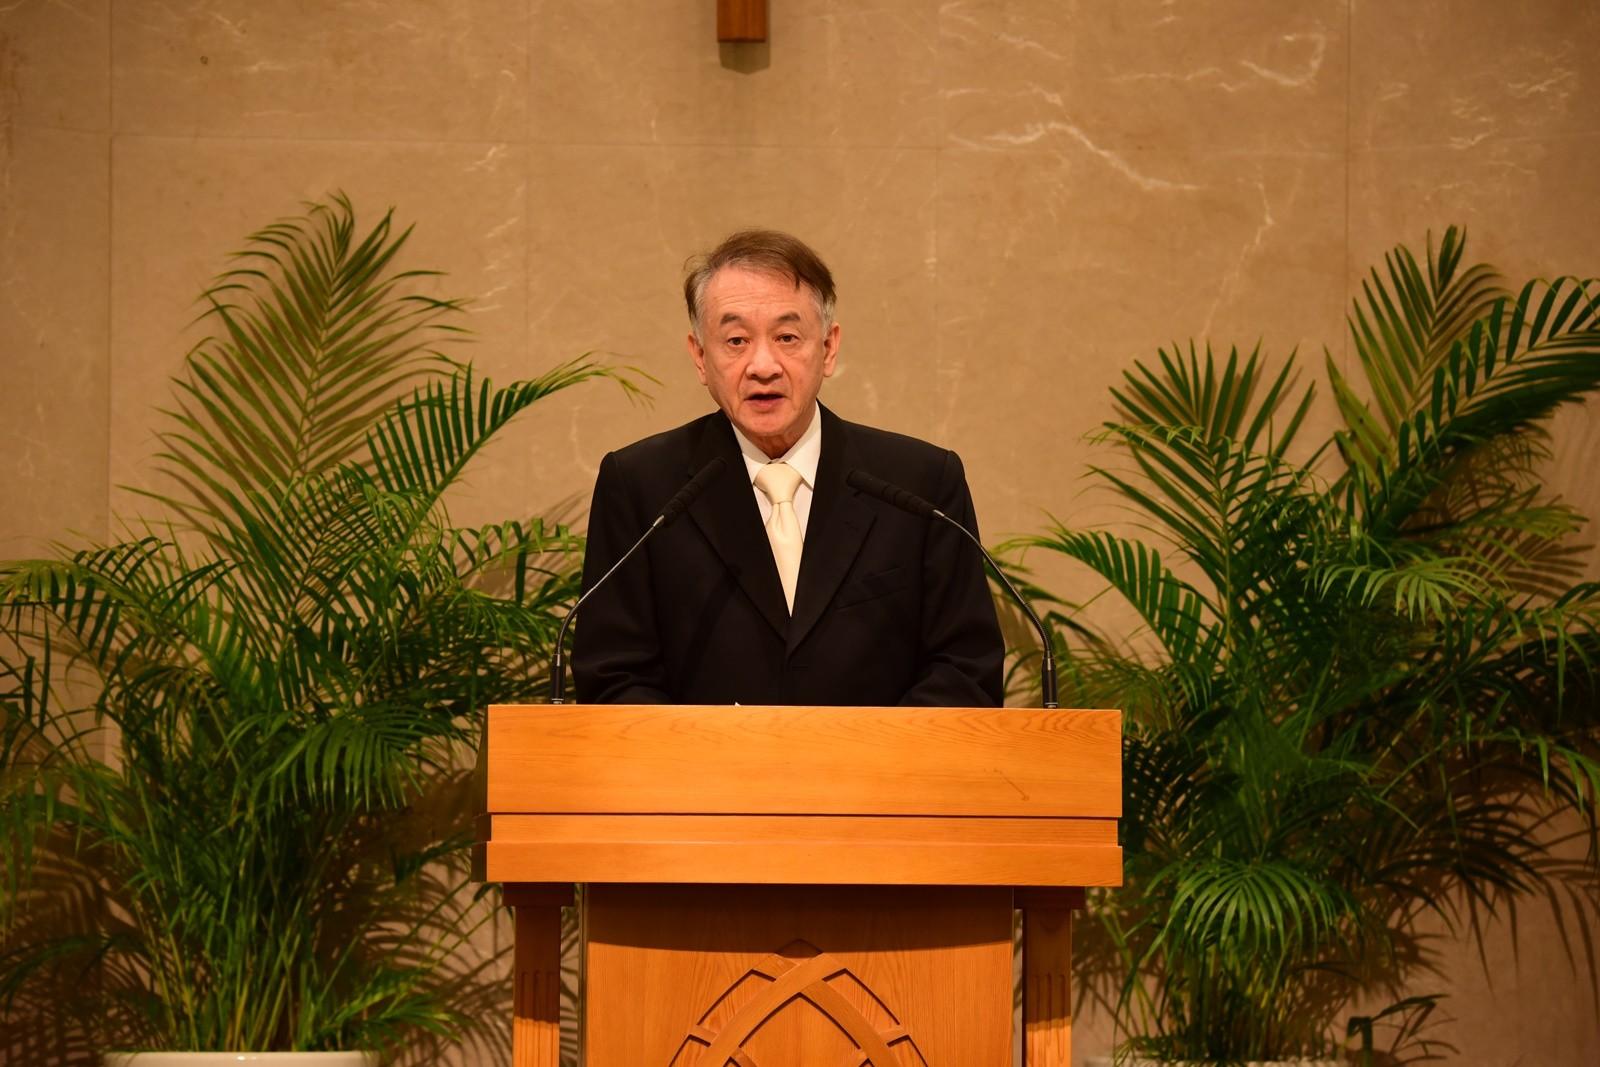 中原大學名譽校長張光正感謝白培英董事長對中原大學的諸多指導與貢獻,是學校發展最強有力的後盾。.JPG